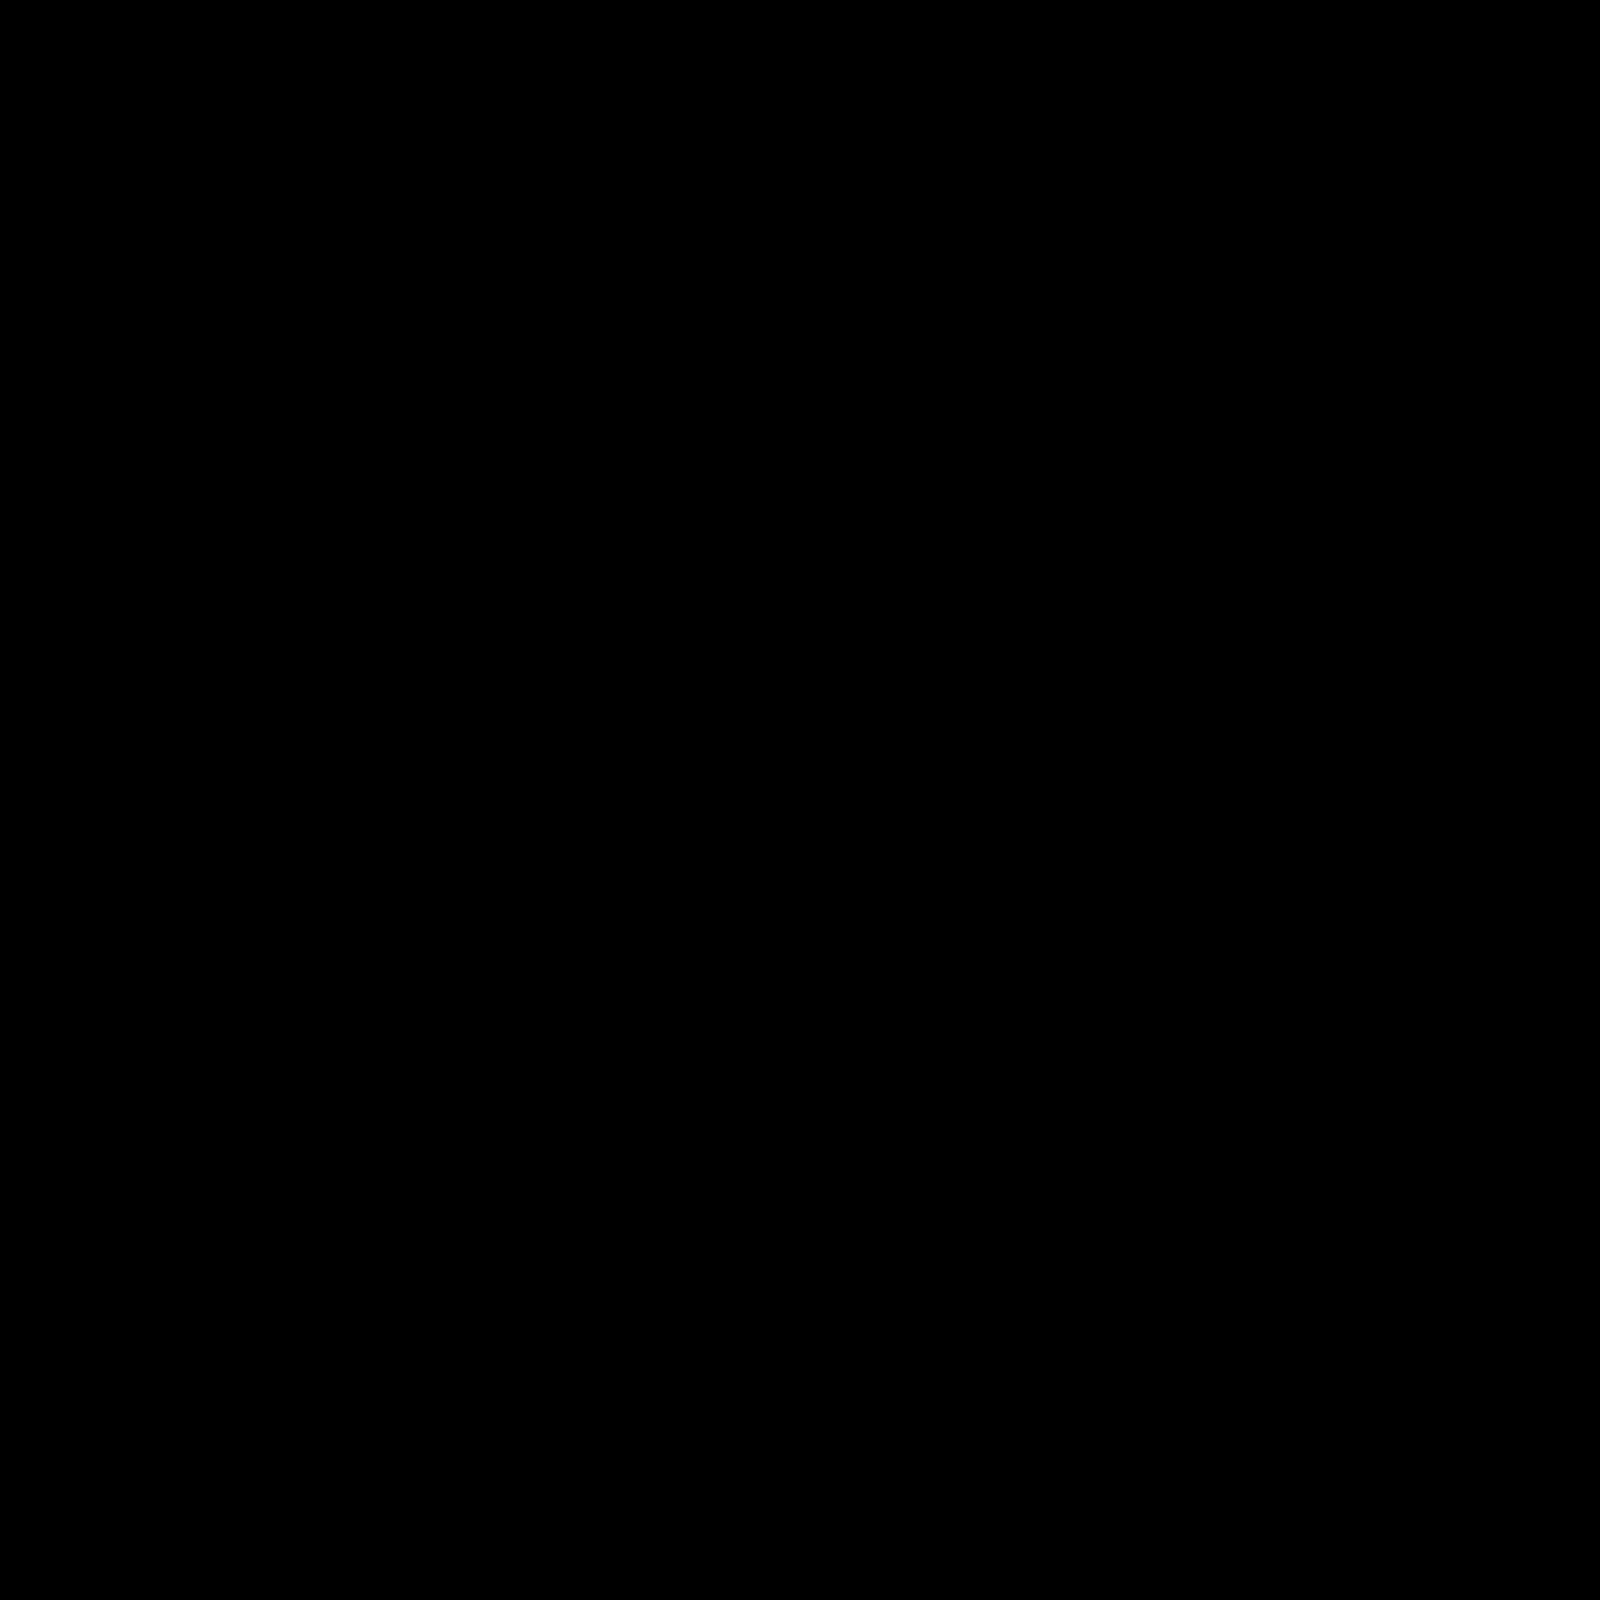 Semi Trailer Truck icon